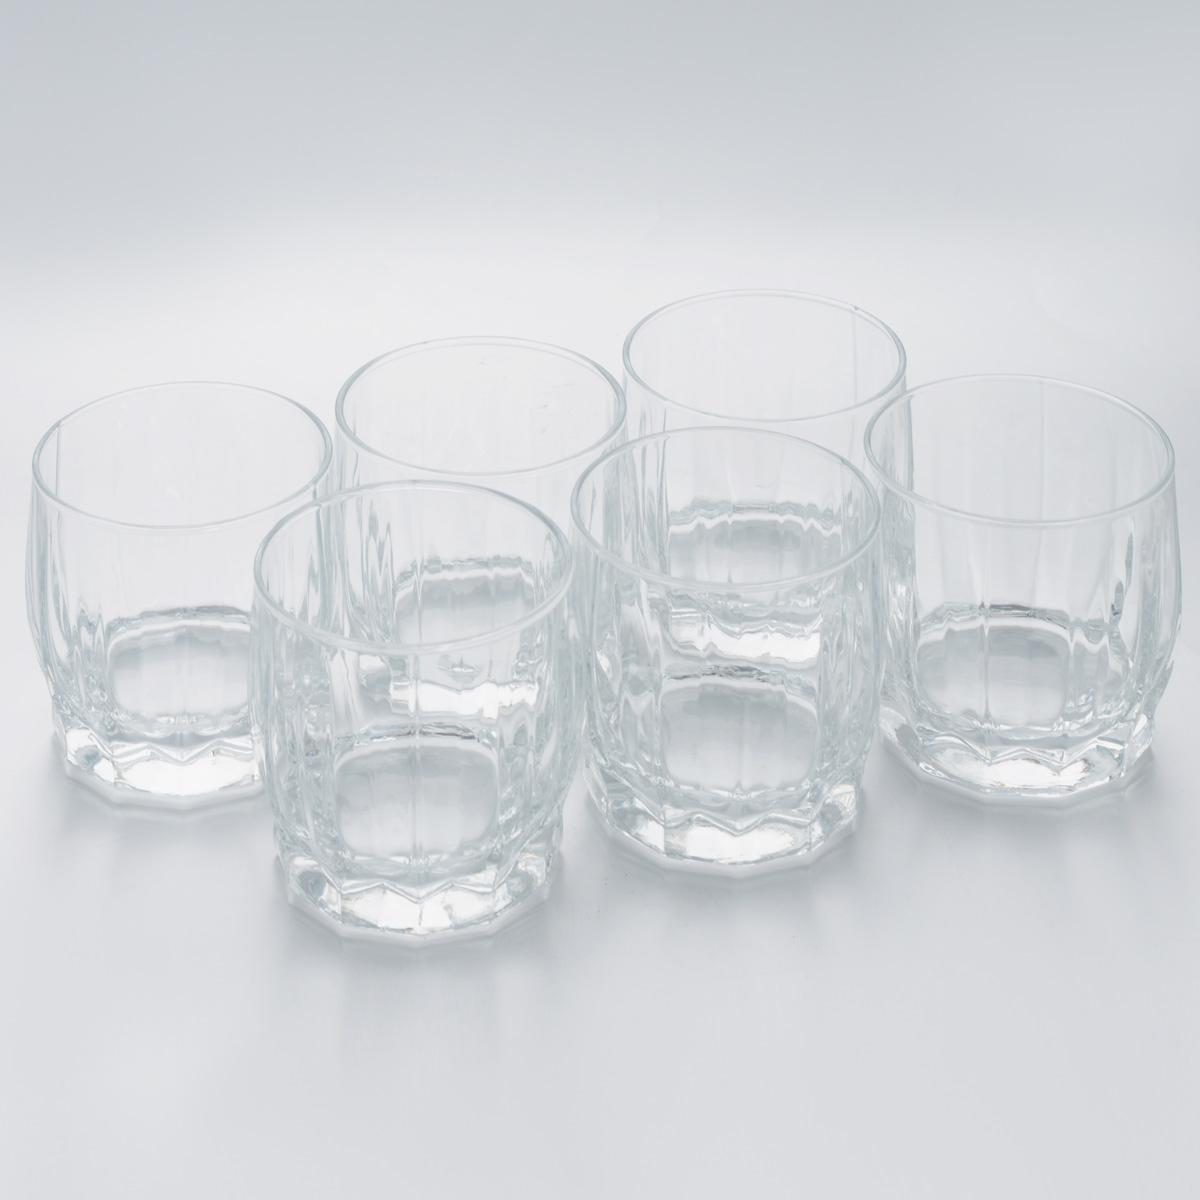 Набор стаканов Pasabahce Dance, 290 мл, 6 штVT-1520(SR)Набор Pasabahce Dance состоит из шести стаканов, выполненных из закаленного натрий-кальций-силикатного стекла. Низкие граненые стаканы с широким горлышком предназначены для подачи воды, сока, компота и других напитков. Стаканы сочетают в себе элегантный дизайн и функциональность.Набор стаканов Pasabahce Dance идеально подойдет для сервировки стола и станет отличным подарком к любому празднику.Можно использовать в морозильной камере и микроволновой печи. Можно мыть в посудомоечной машине. Диаметр стакана (по верхнему краю): 7,5 см. Высота стакана: 8,5 см.